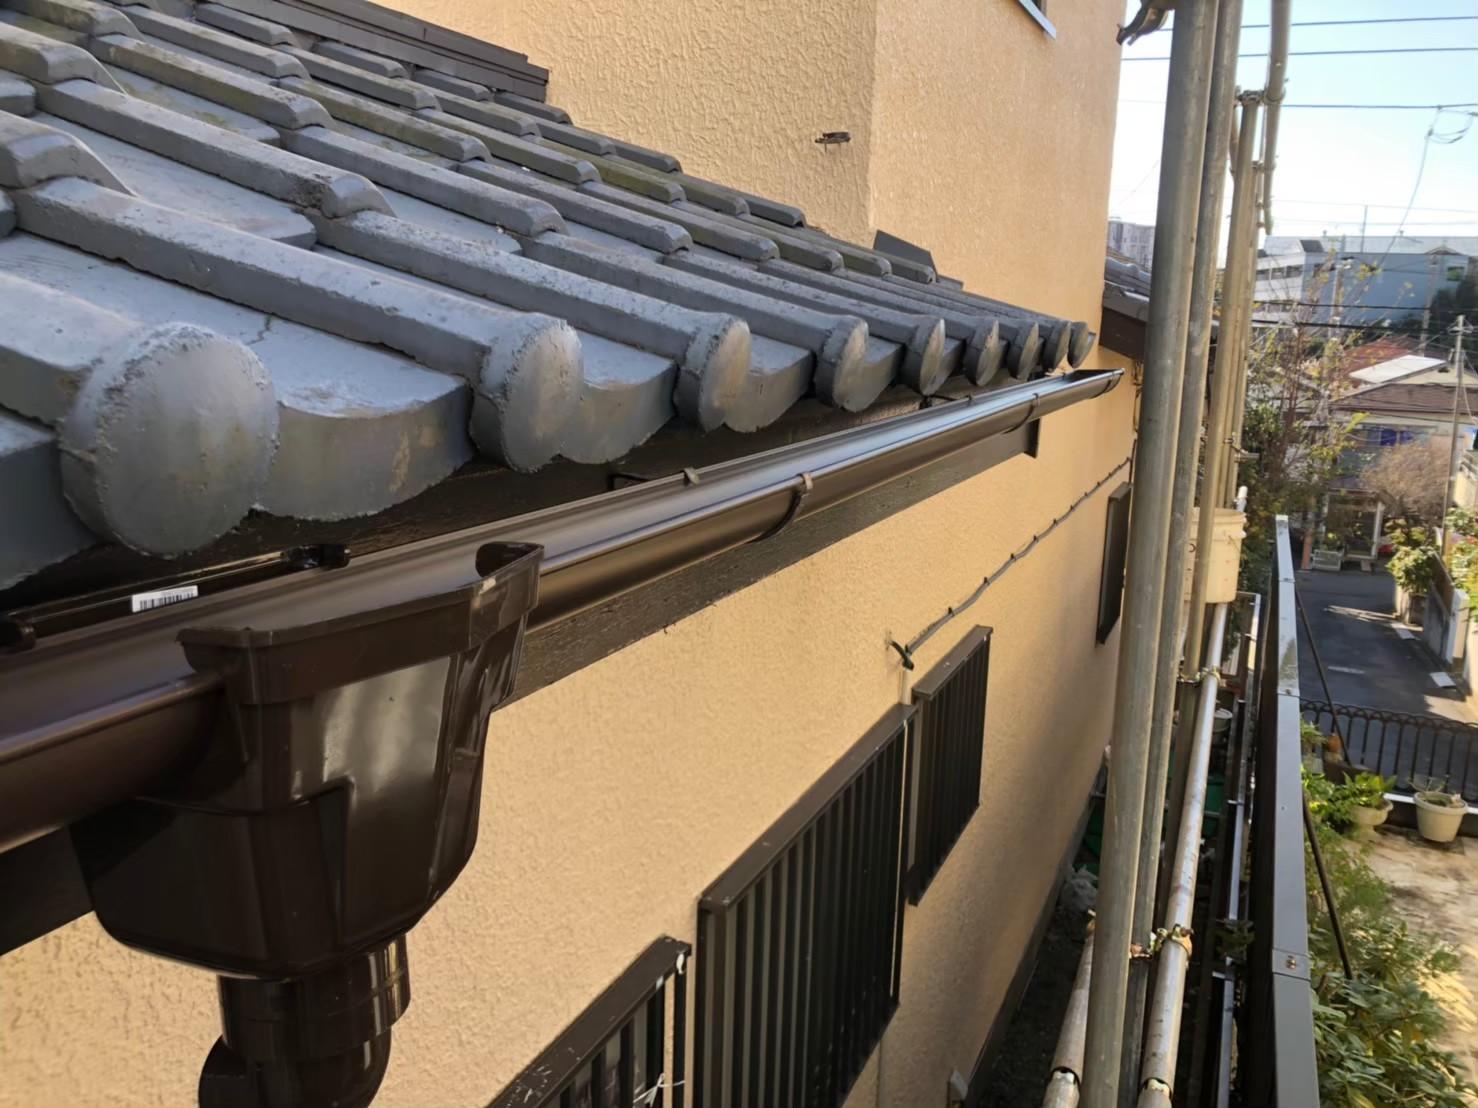 【施工完了報告!】ハートホームでは有資格者が対応します!千葉県袖ケ浦市にて雨どい交換工事を実施!